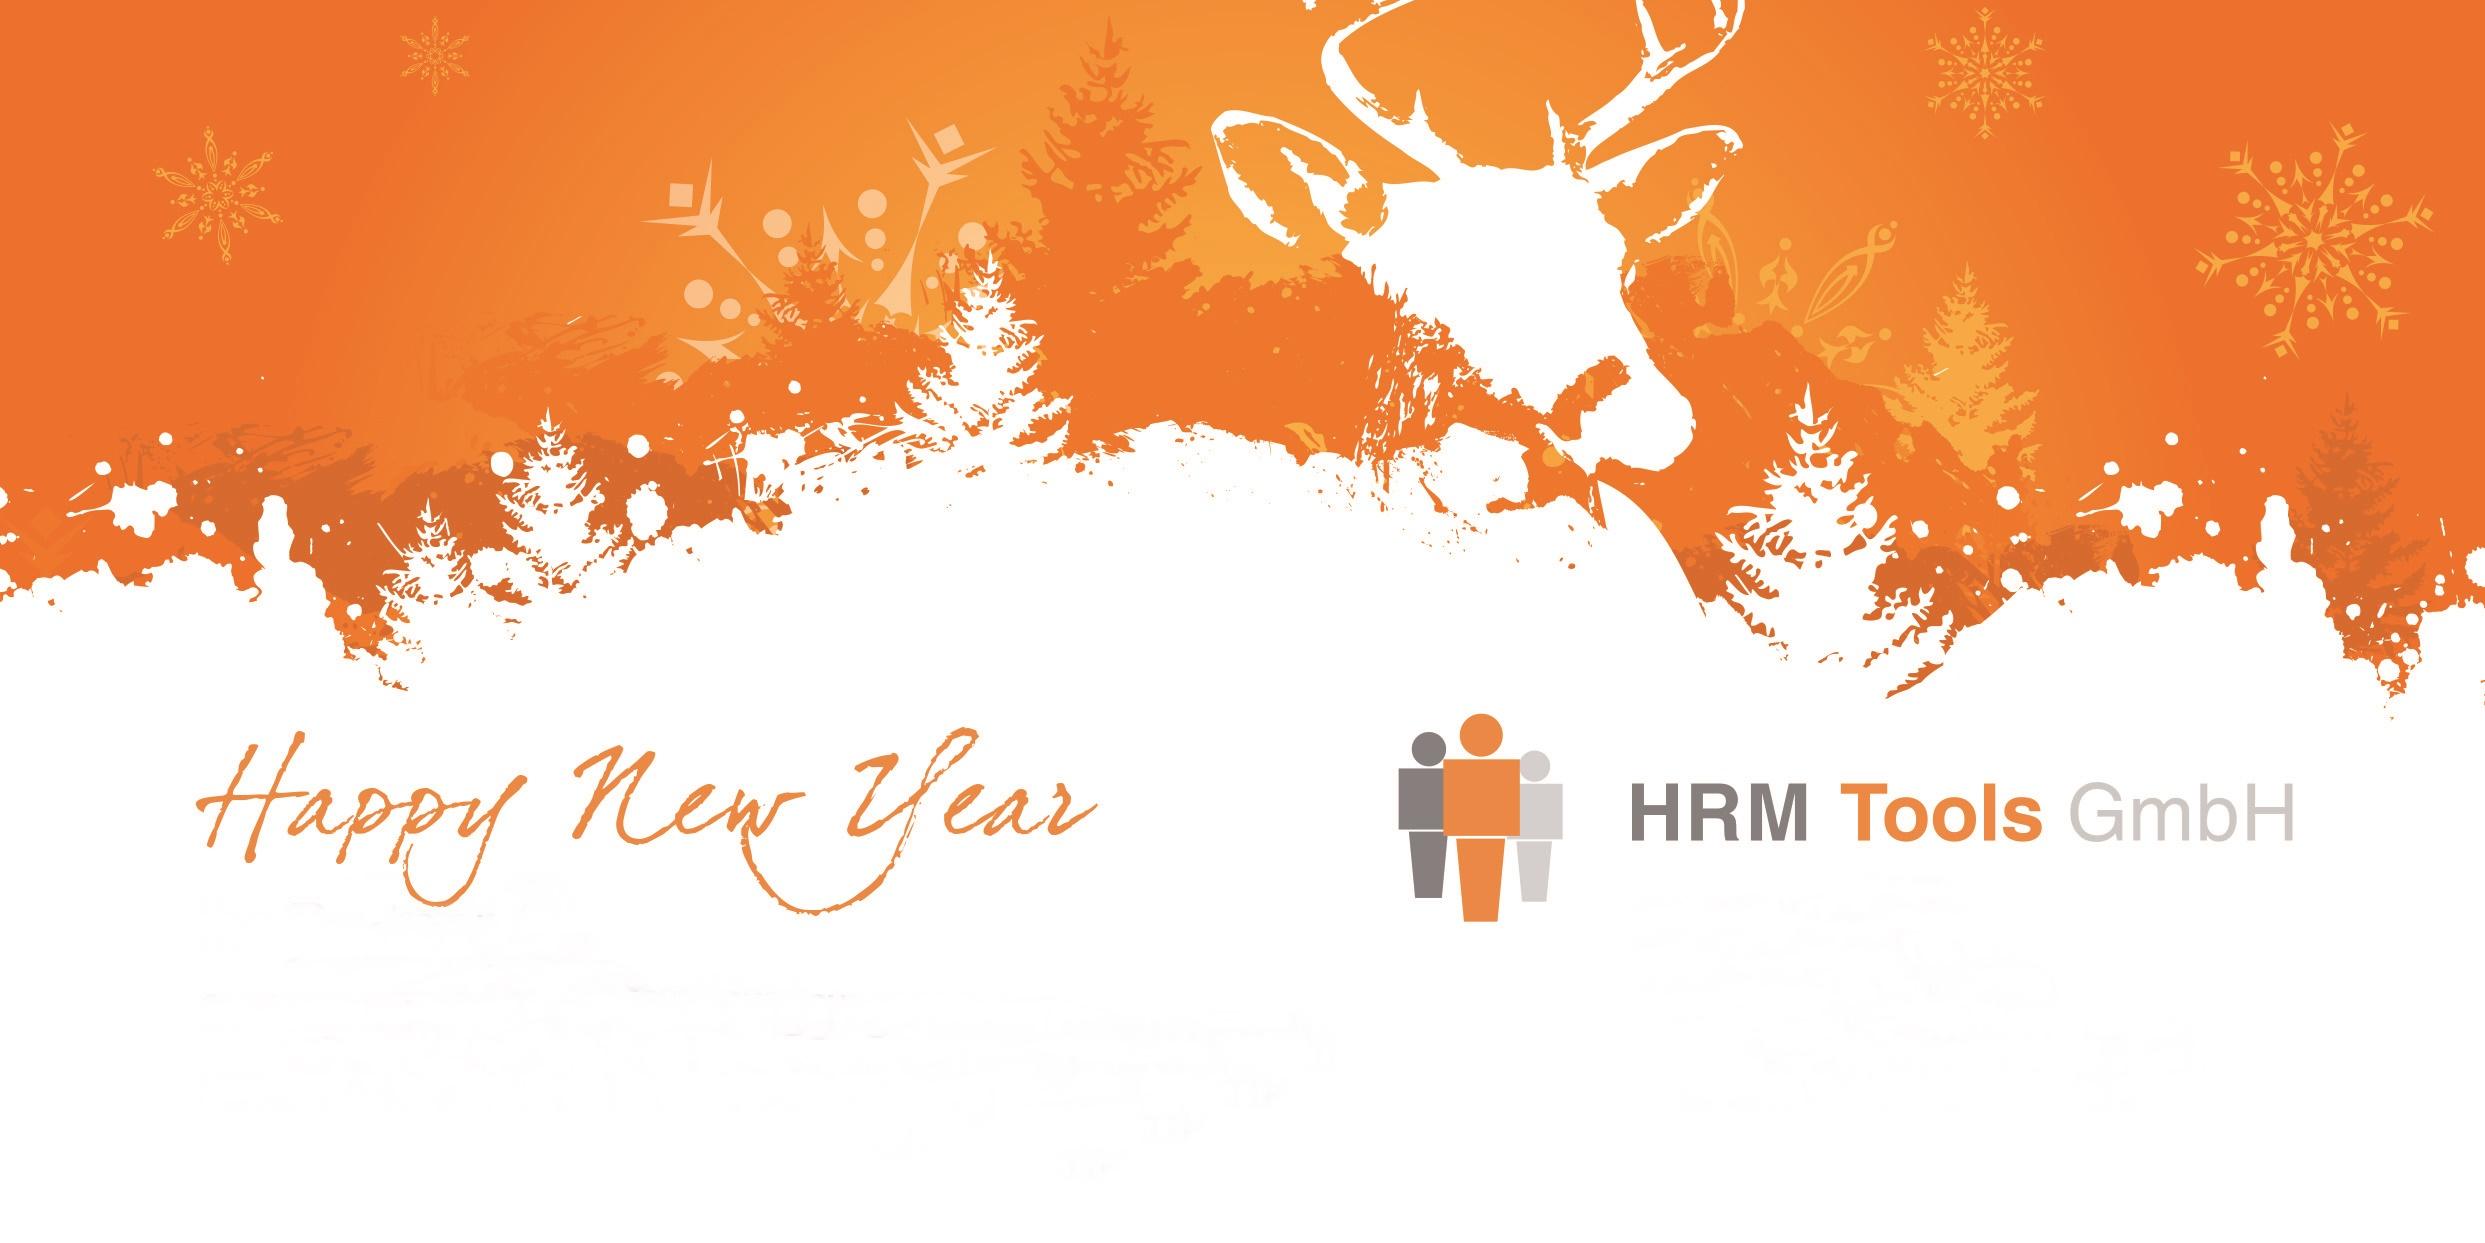 Happy New Year - Ein gutes Neues Jahr wünscht HRM Tools GmbH